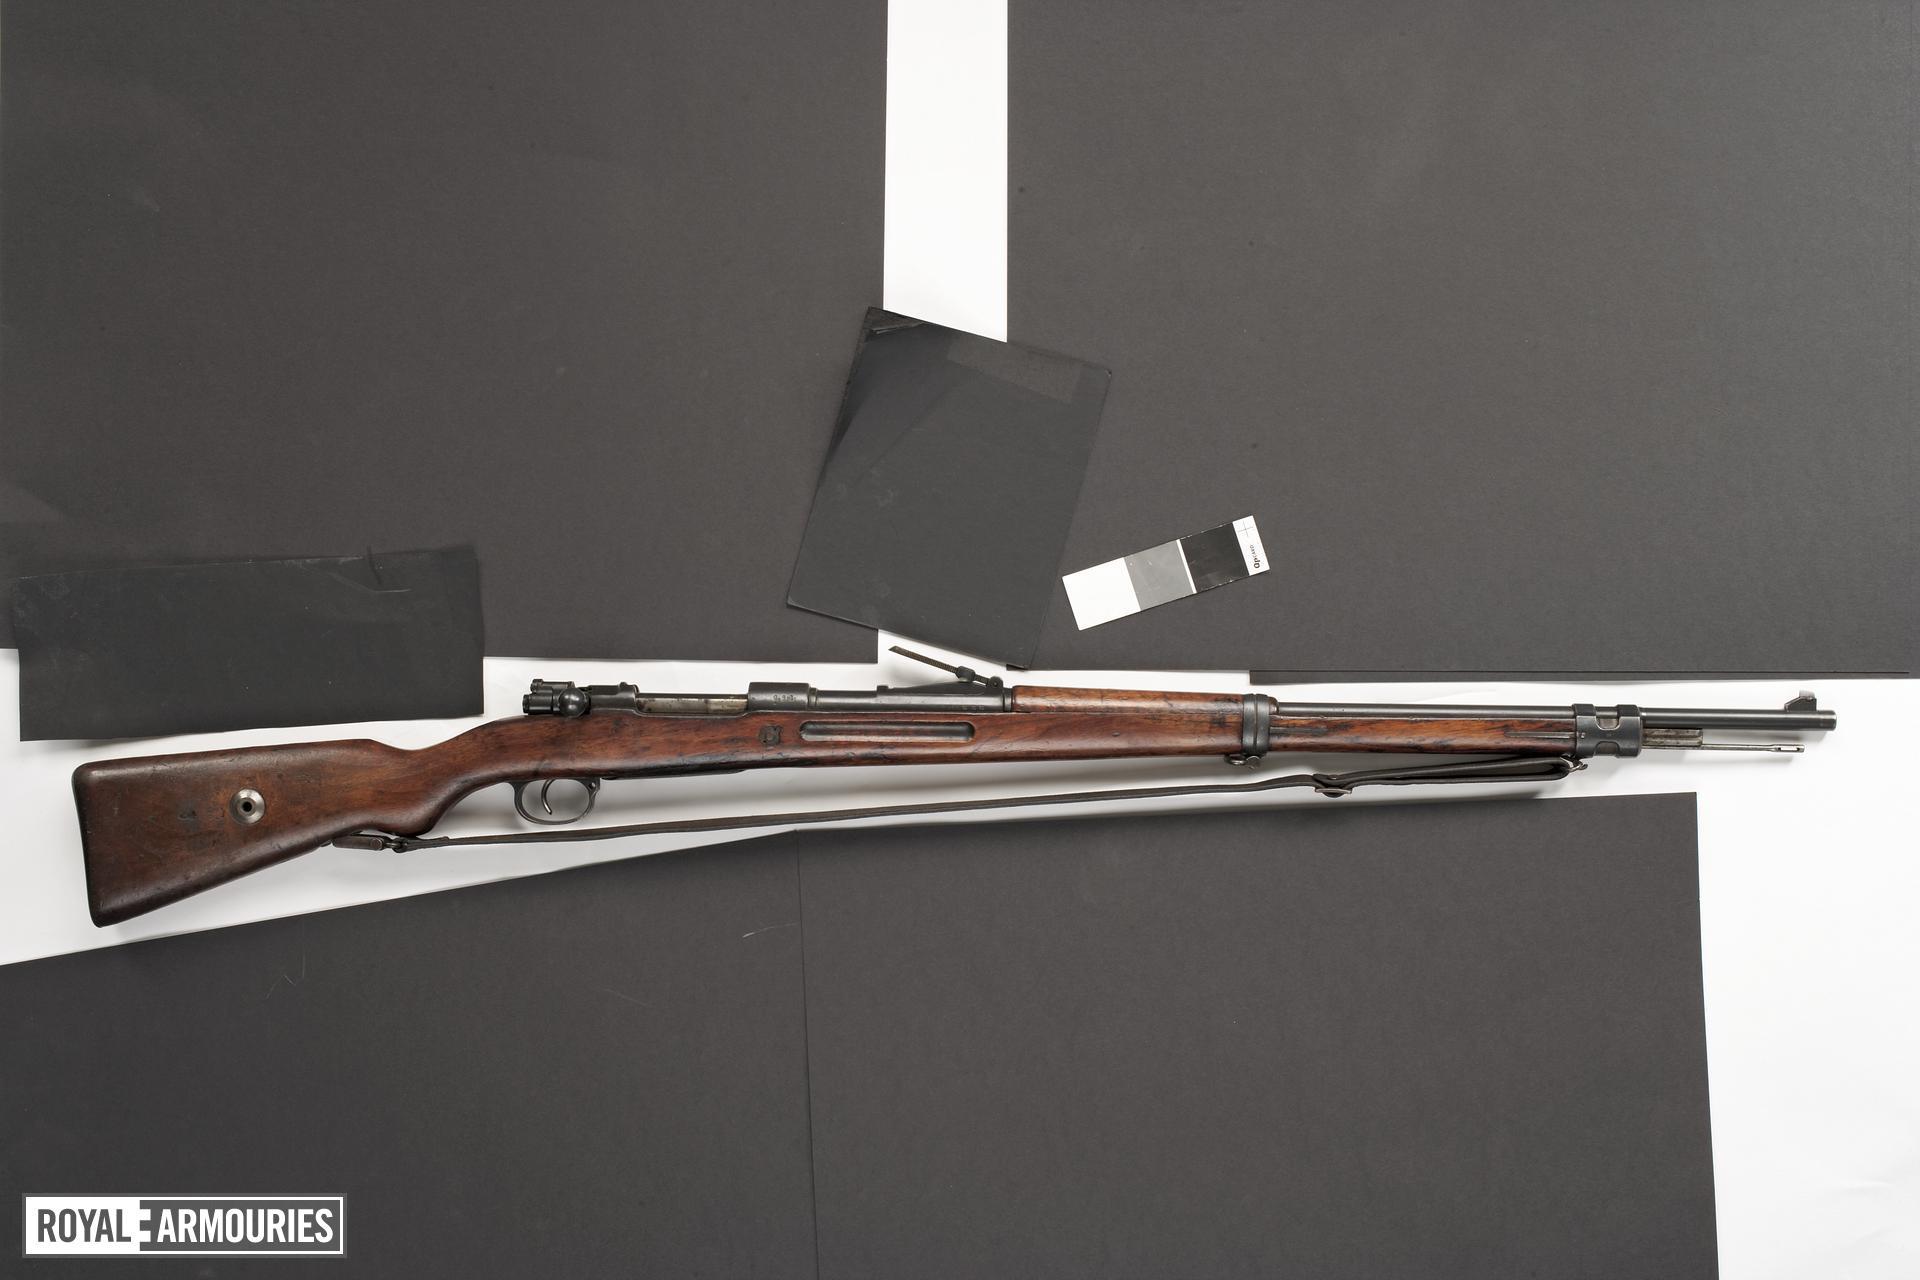 Centrefire bolt-action rifle - Mauser Gewehr 98 B